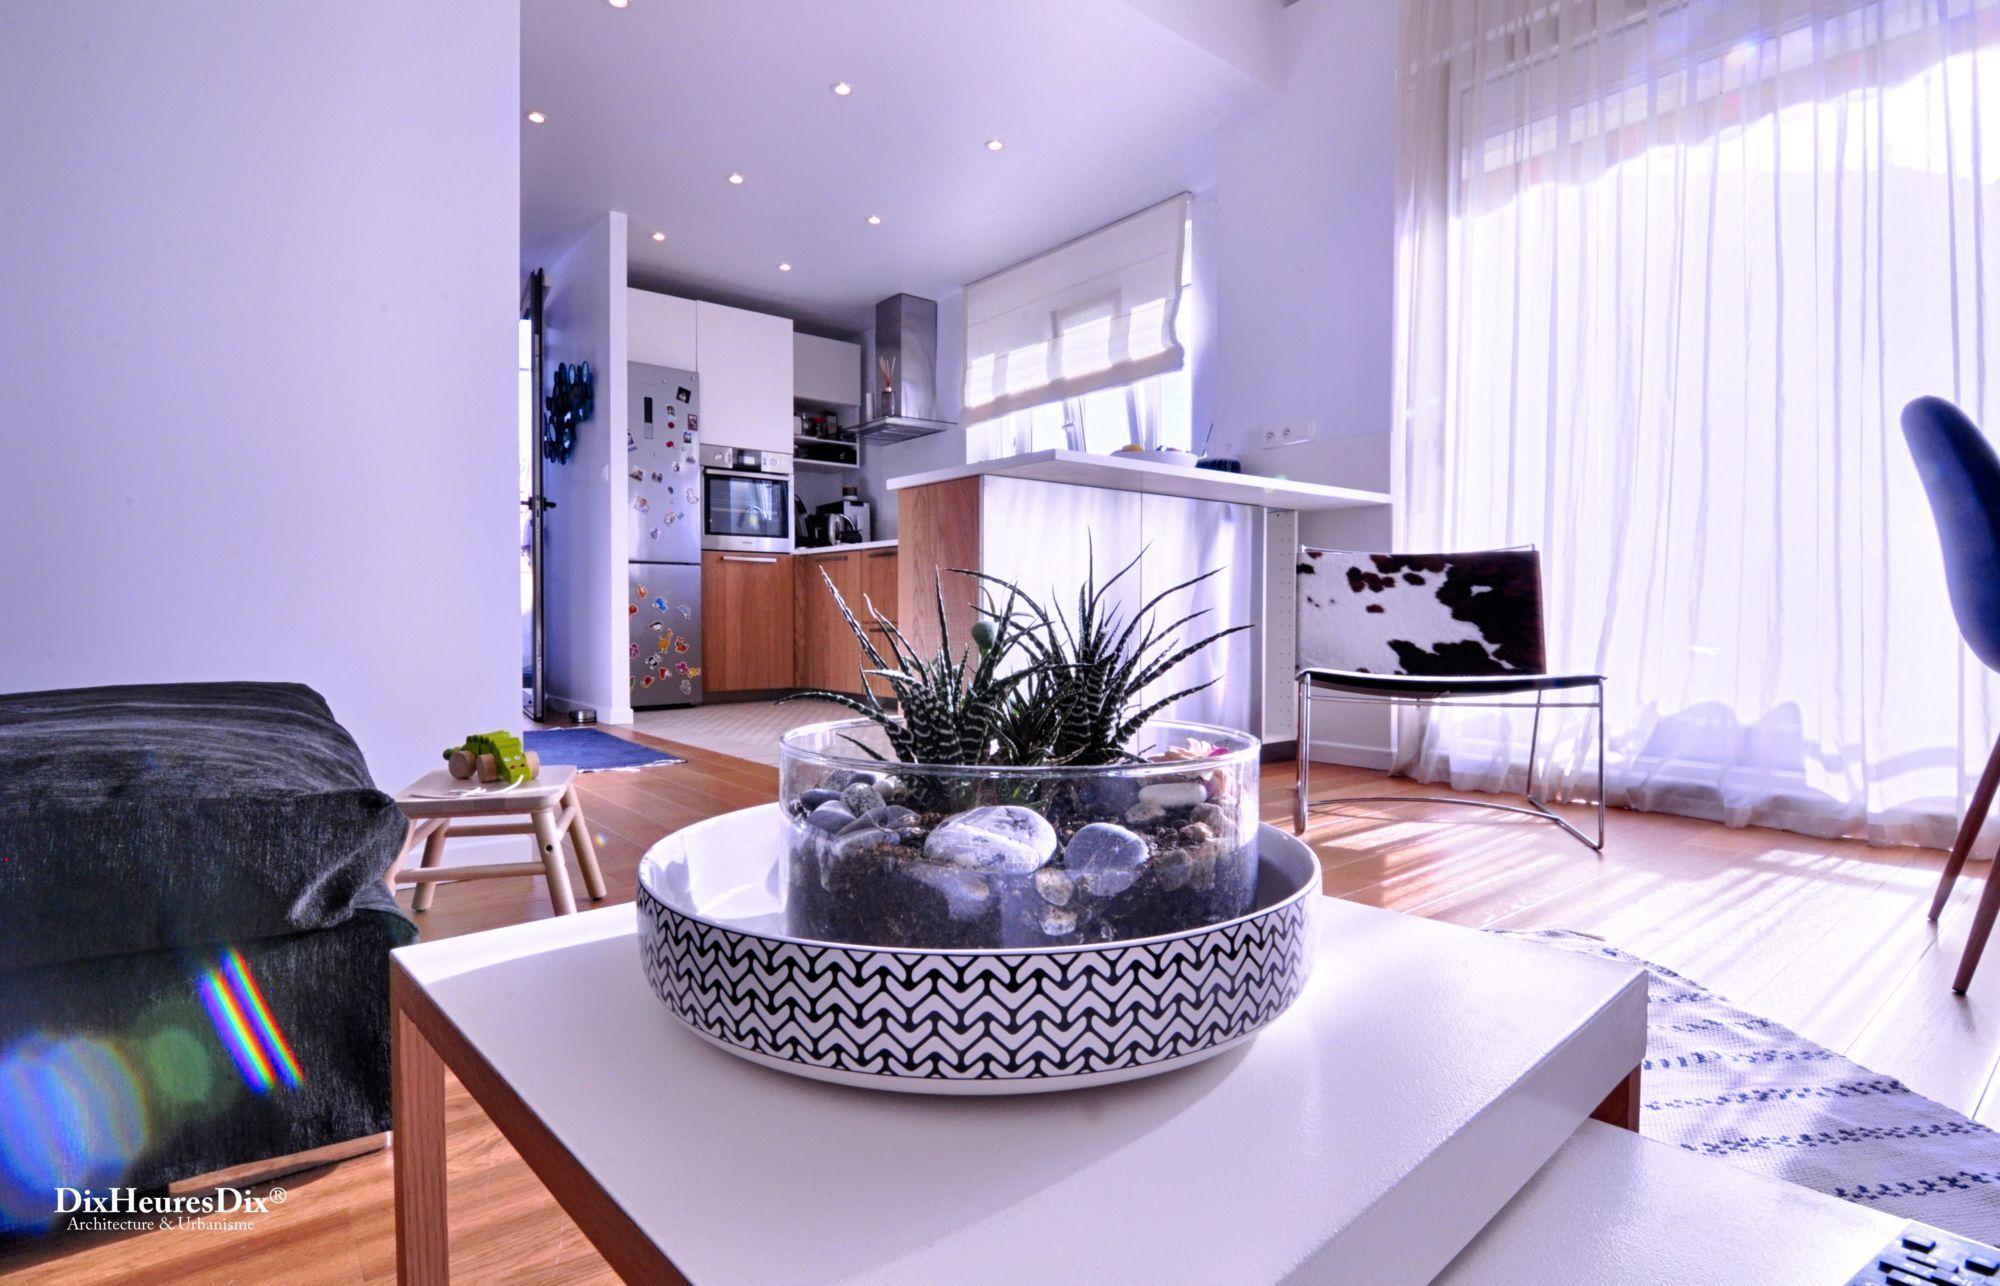 Détail de décoration avec ue sur la cuisine ouverte